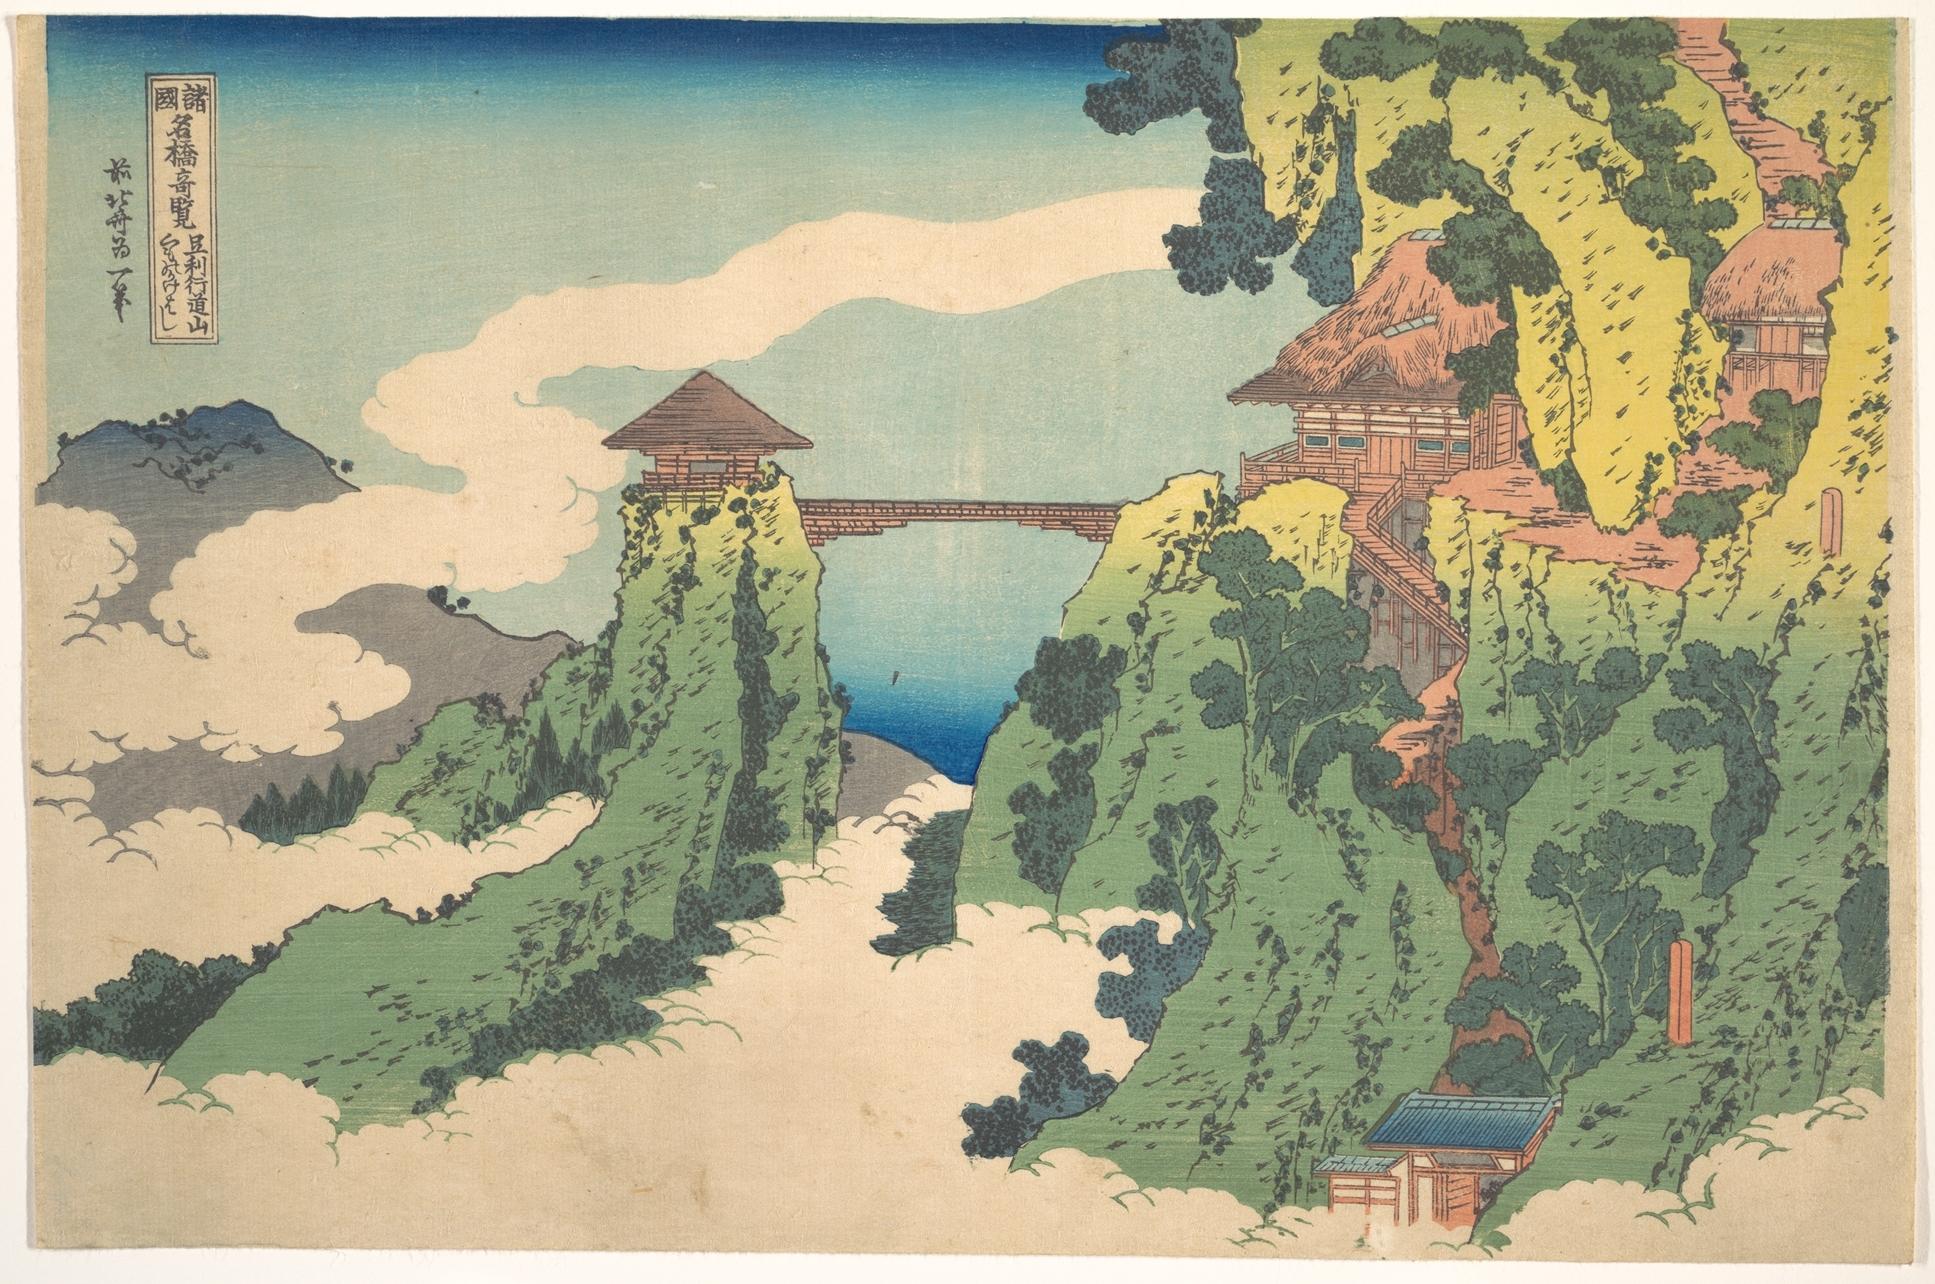 Katsushika Hokusai: The Hanging-cloud Bridge at Mount